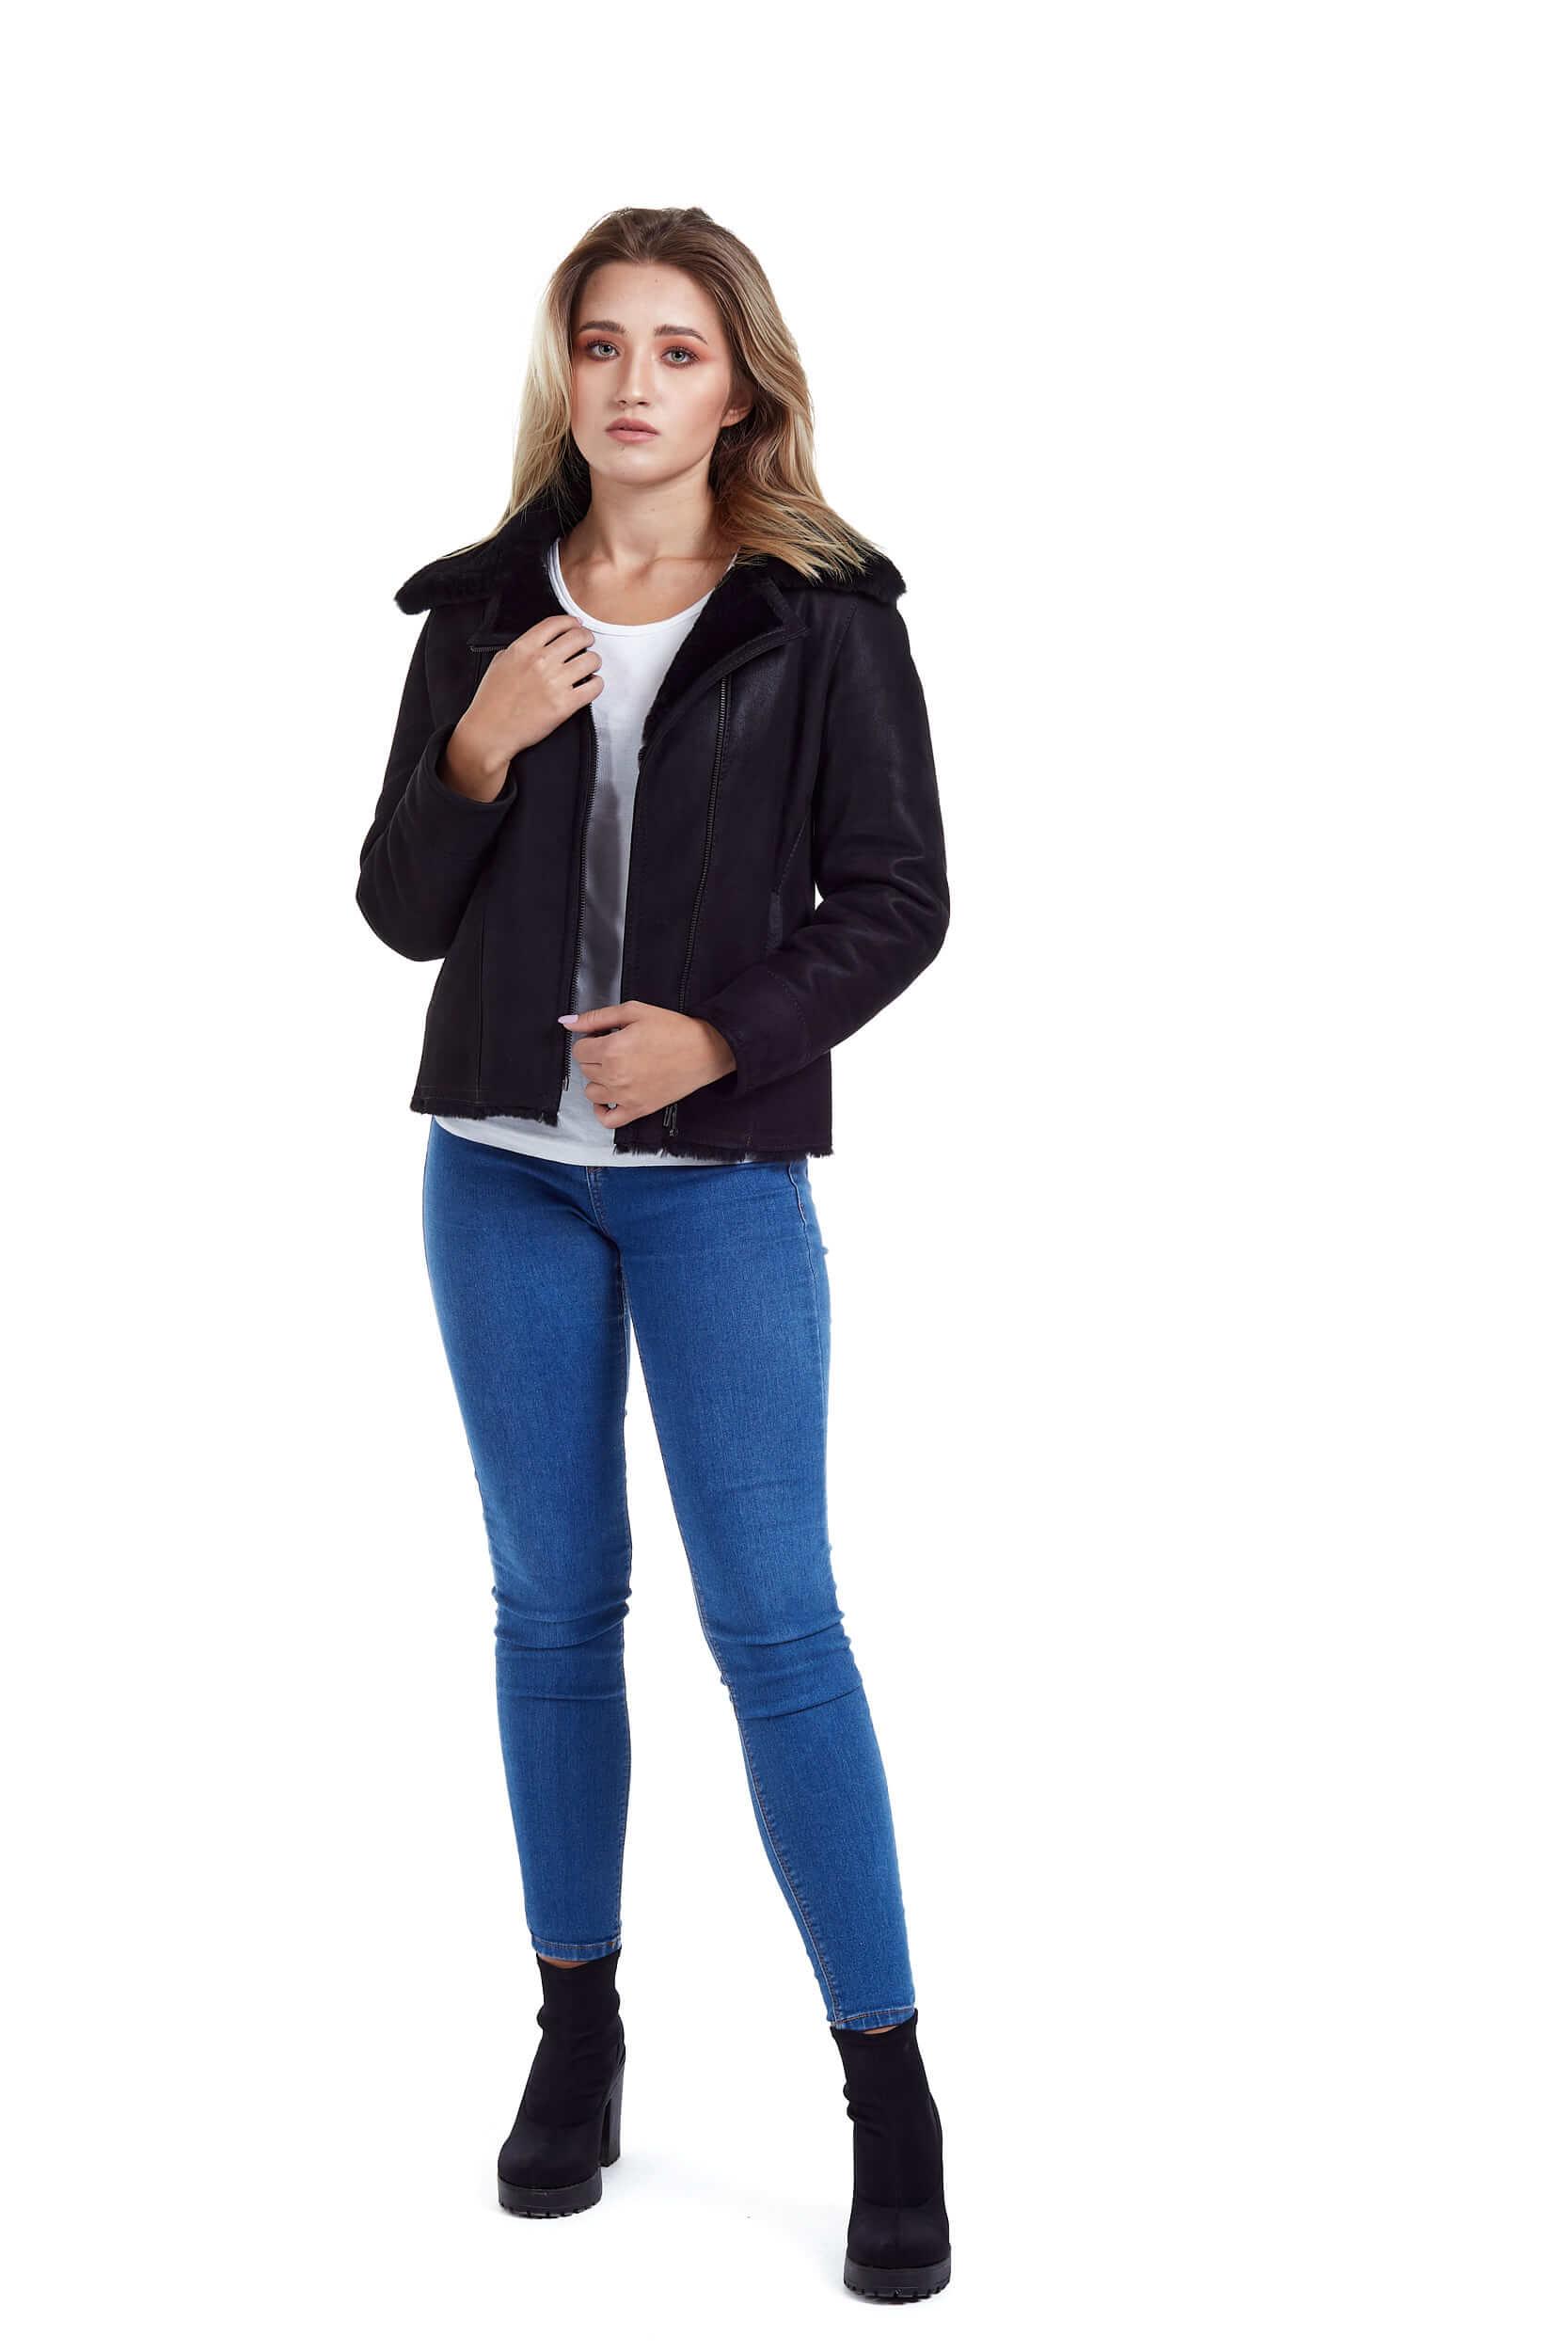 Haina de blana pentru femei model Alexia negru 4